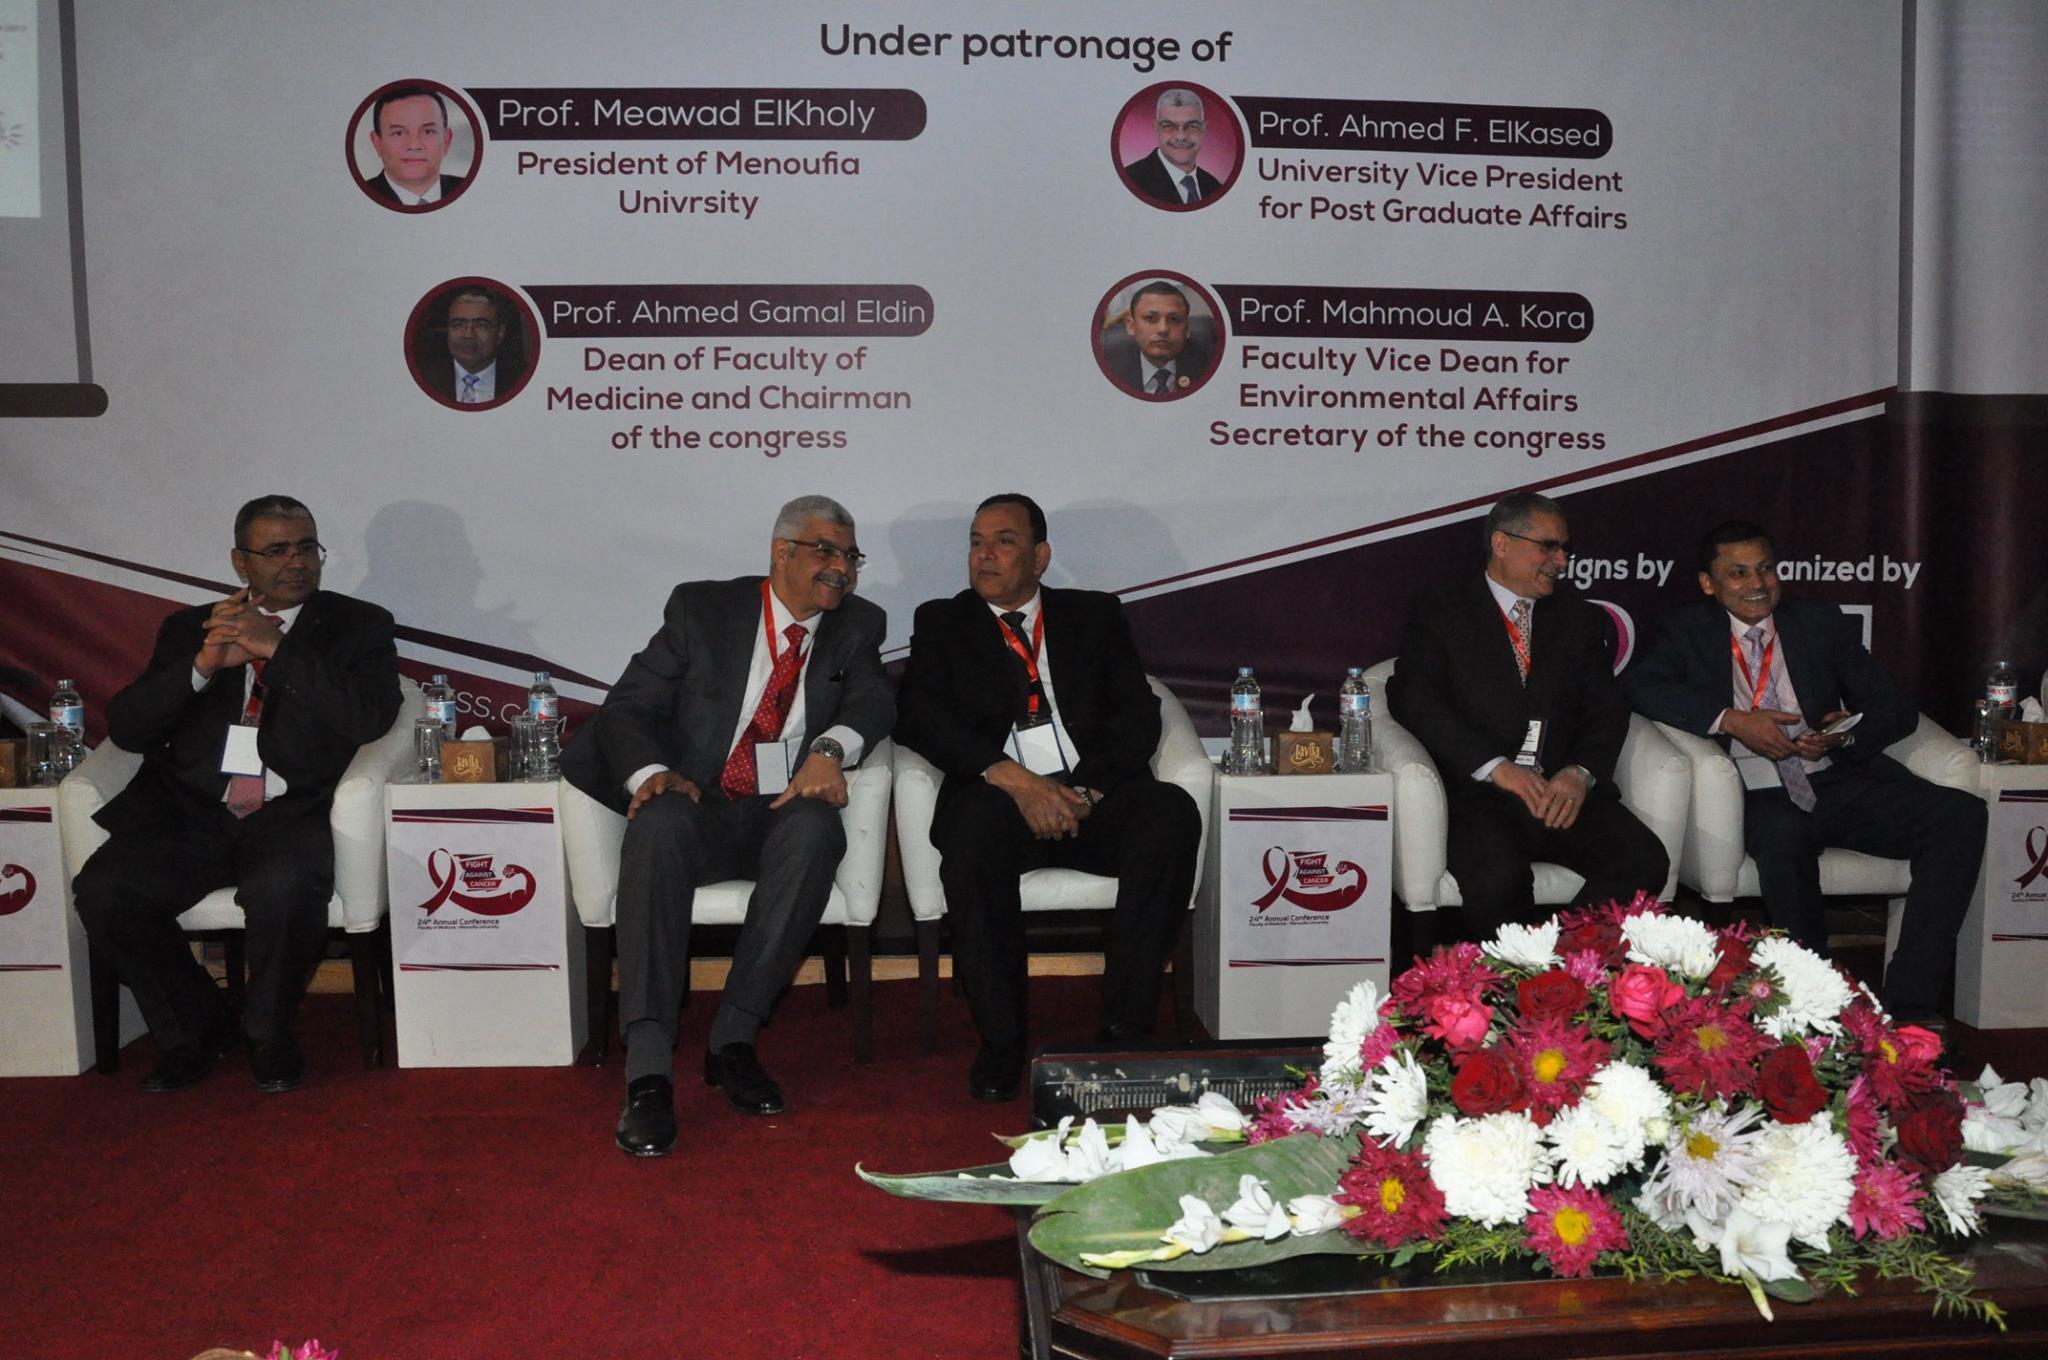 رئيس جامعة المنوفية يفتتح المؤتمر الرابع والعشرين لطب المنوفية